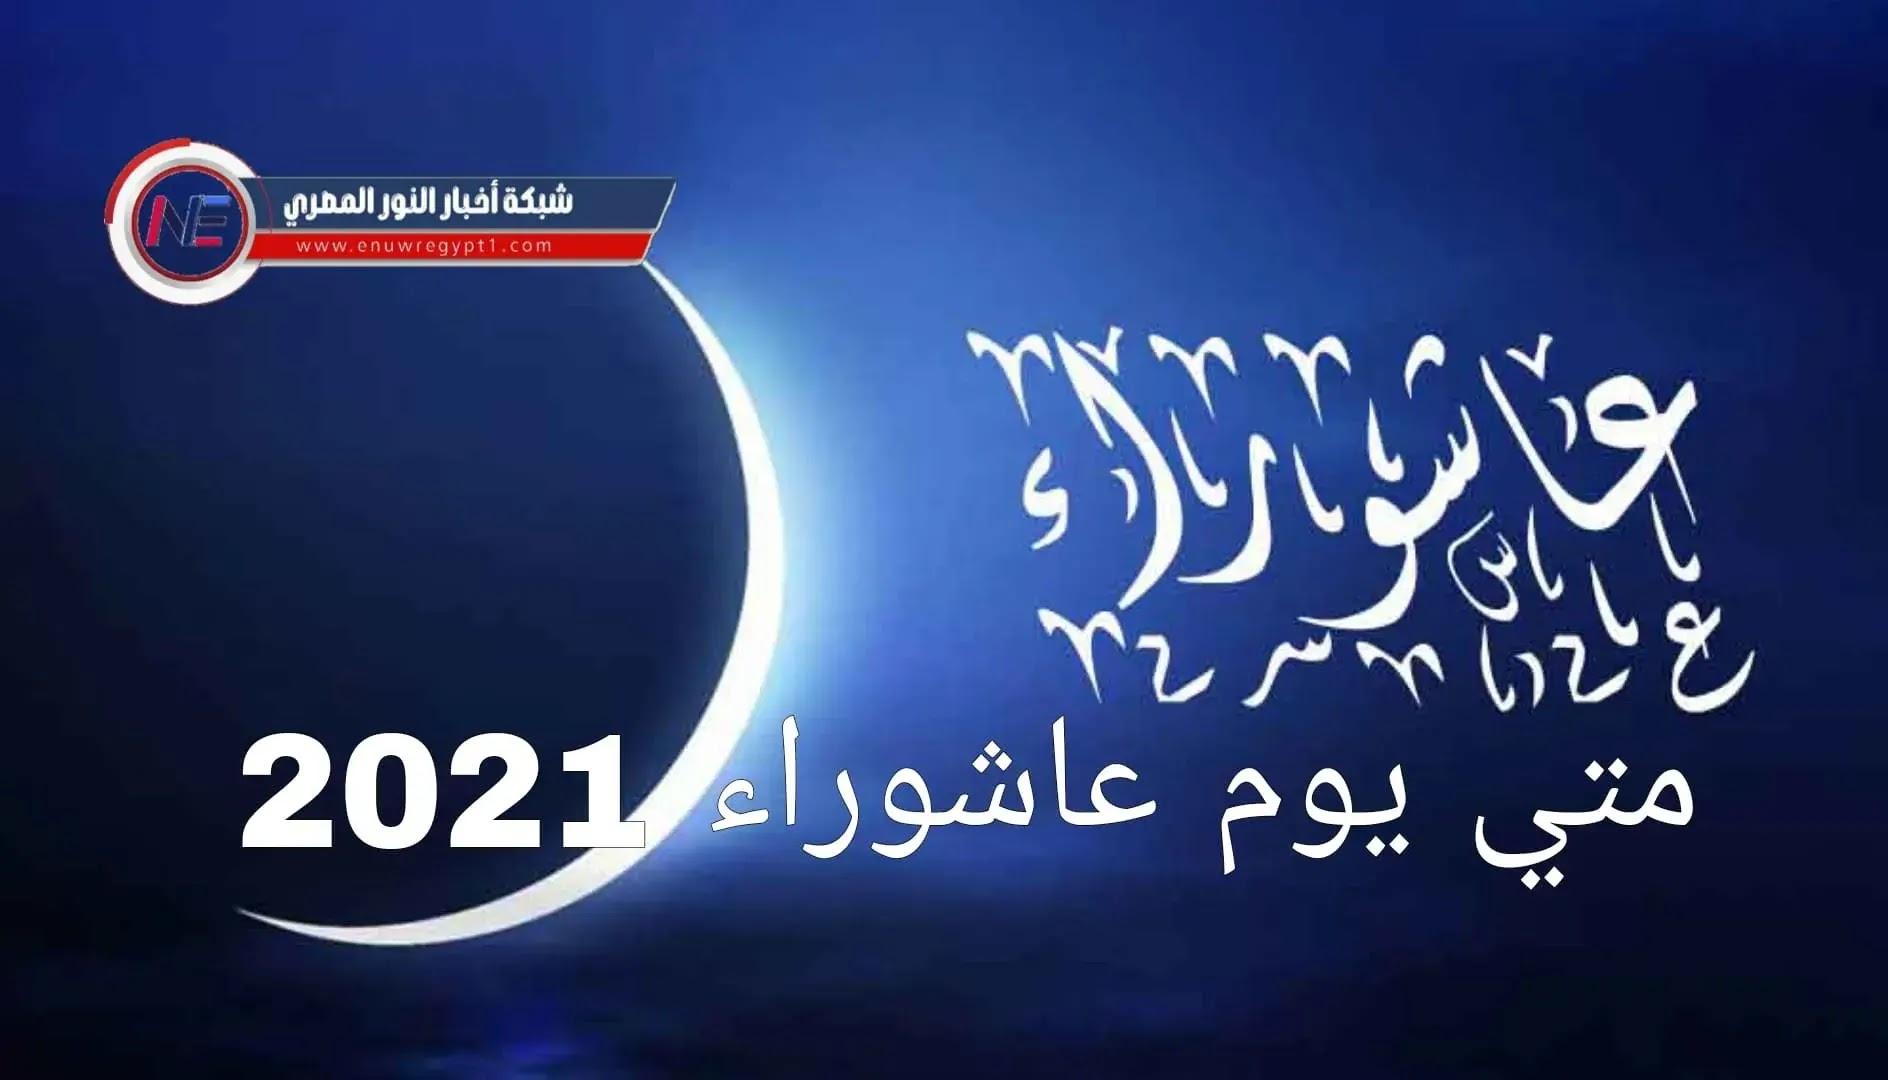 متي يوم عاشوراء 2021 | ننشر قصة و موعد صيام يوم تاسوعاء و عاشوراء وفضل الصيام فيهم كما ورد عن السنه النبوية